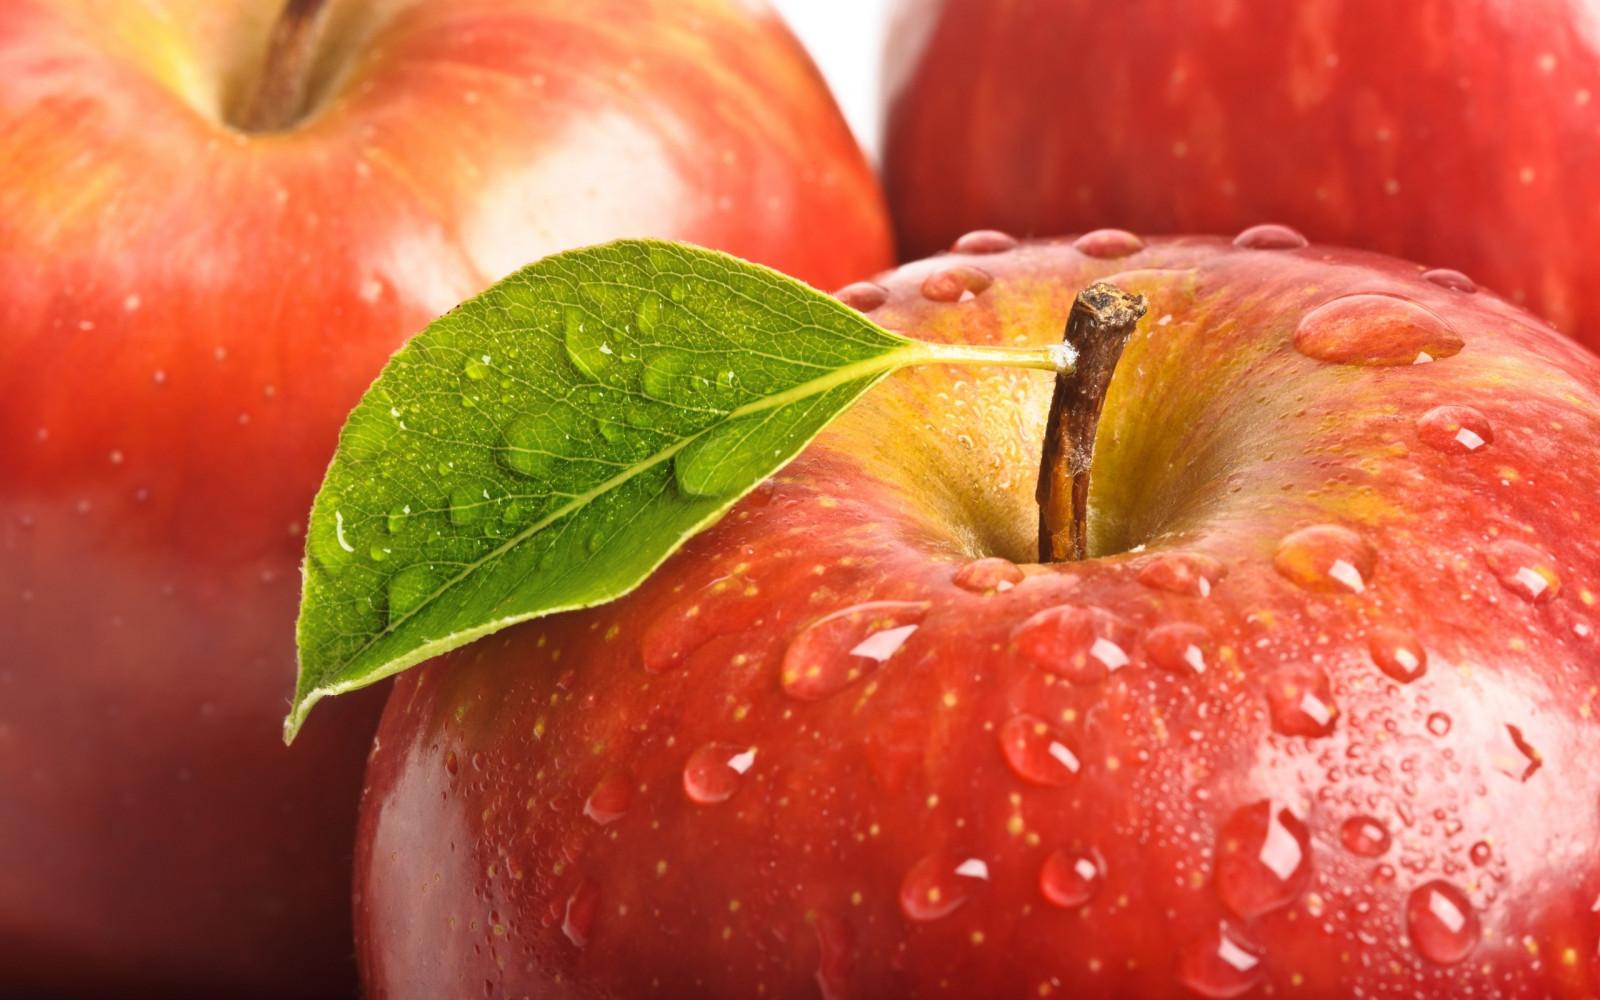 fruit, leaf, red, drop, apple, close up